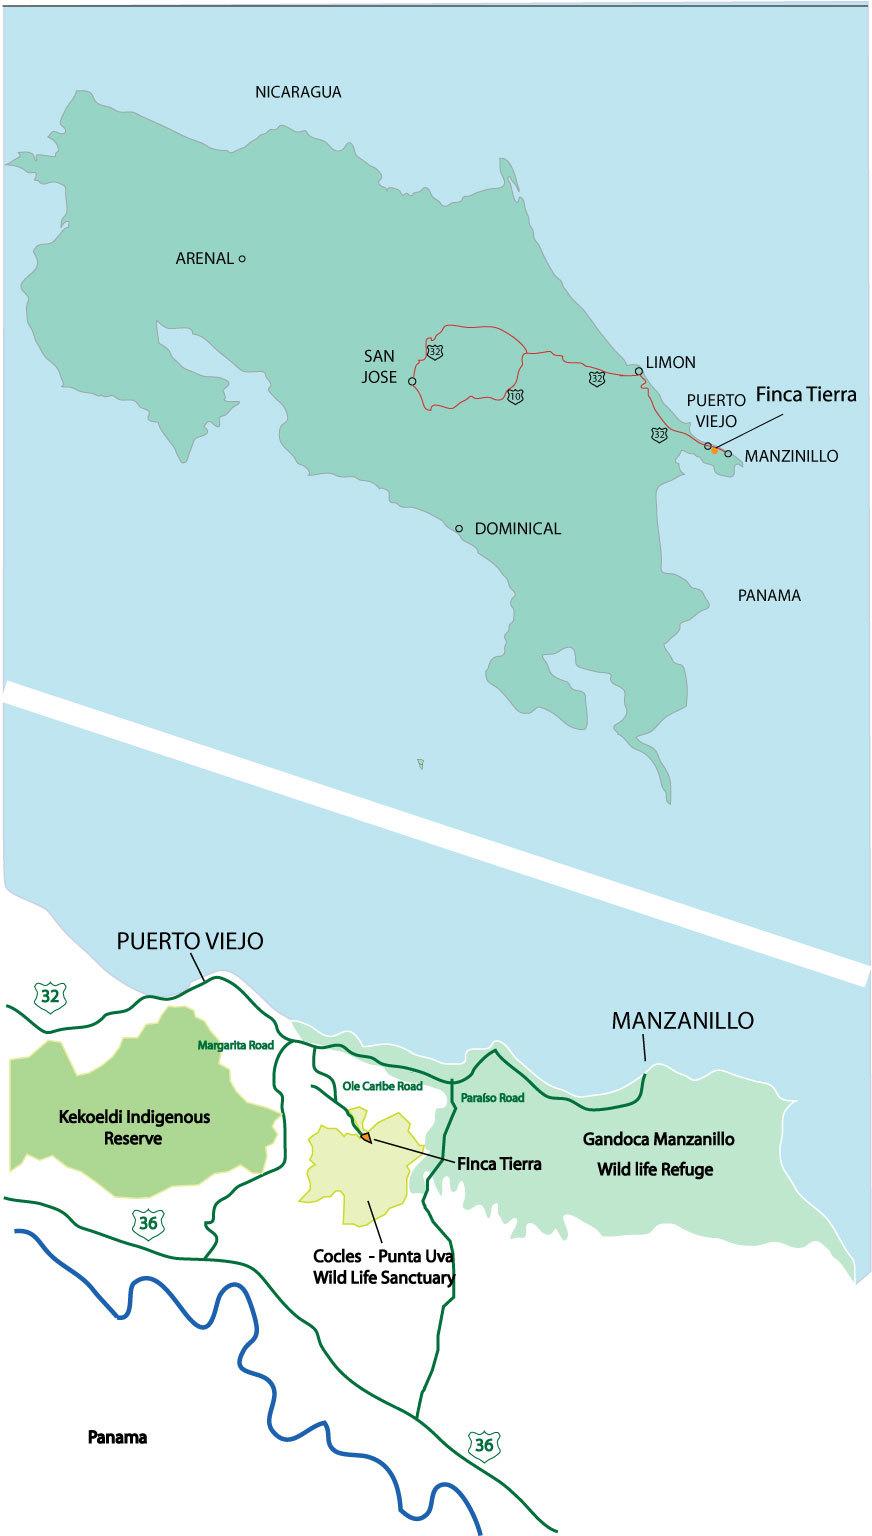 finca-tierra-LOCATION-MAP.jpg